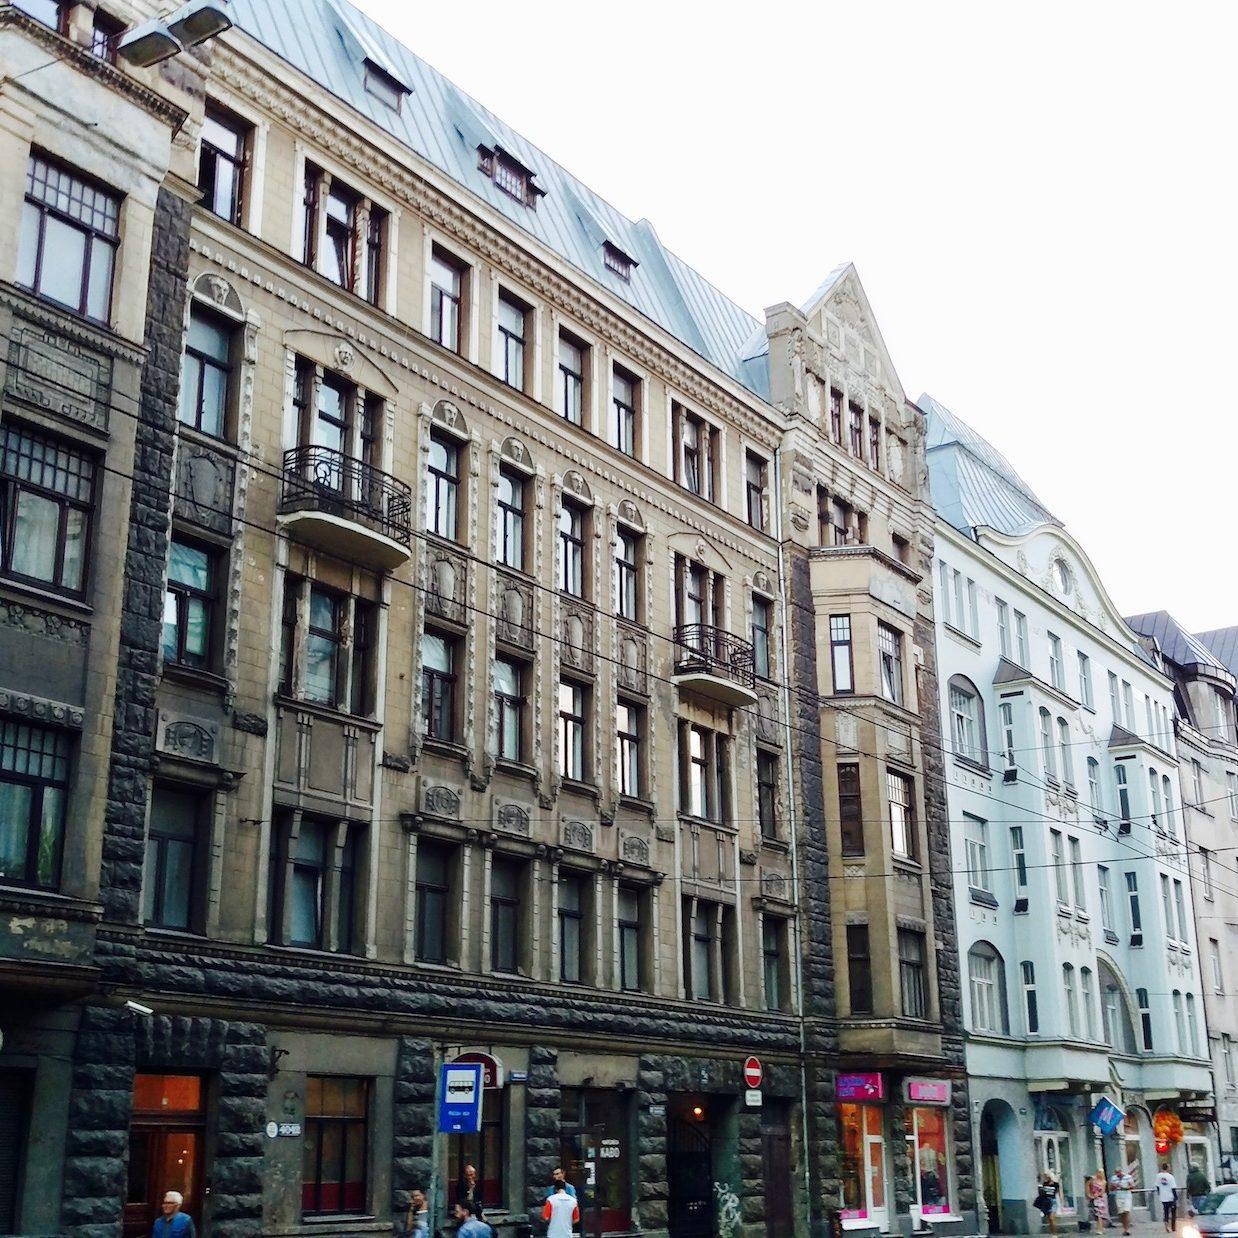 avoti-neighborhood-prewar